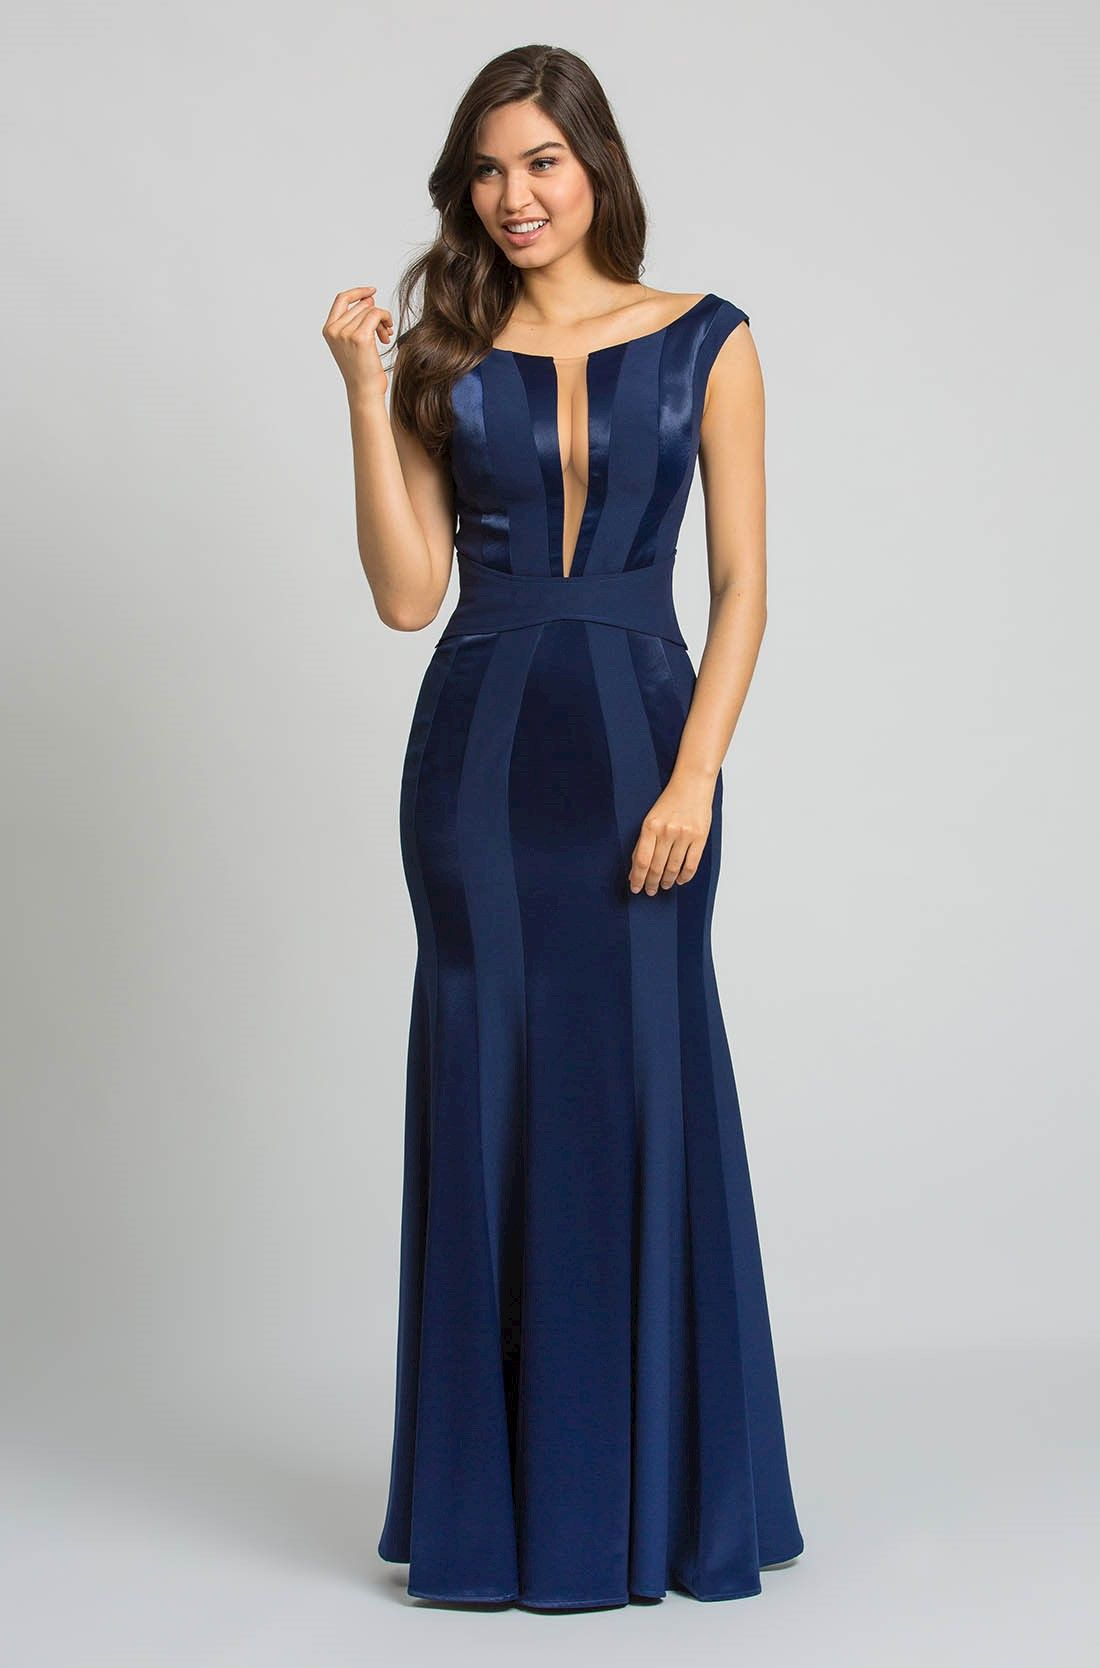 Vestido de formatura longo azul preco